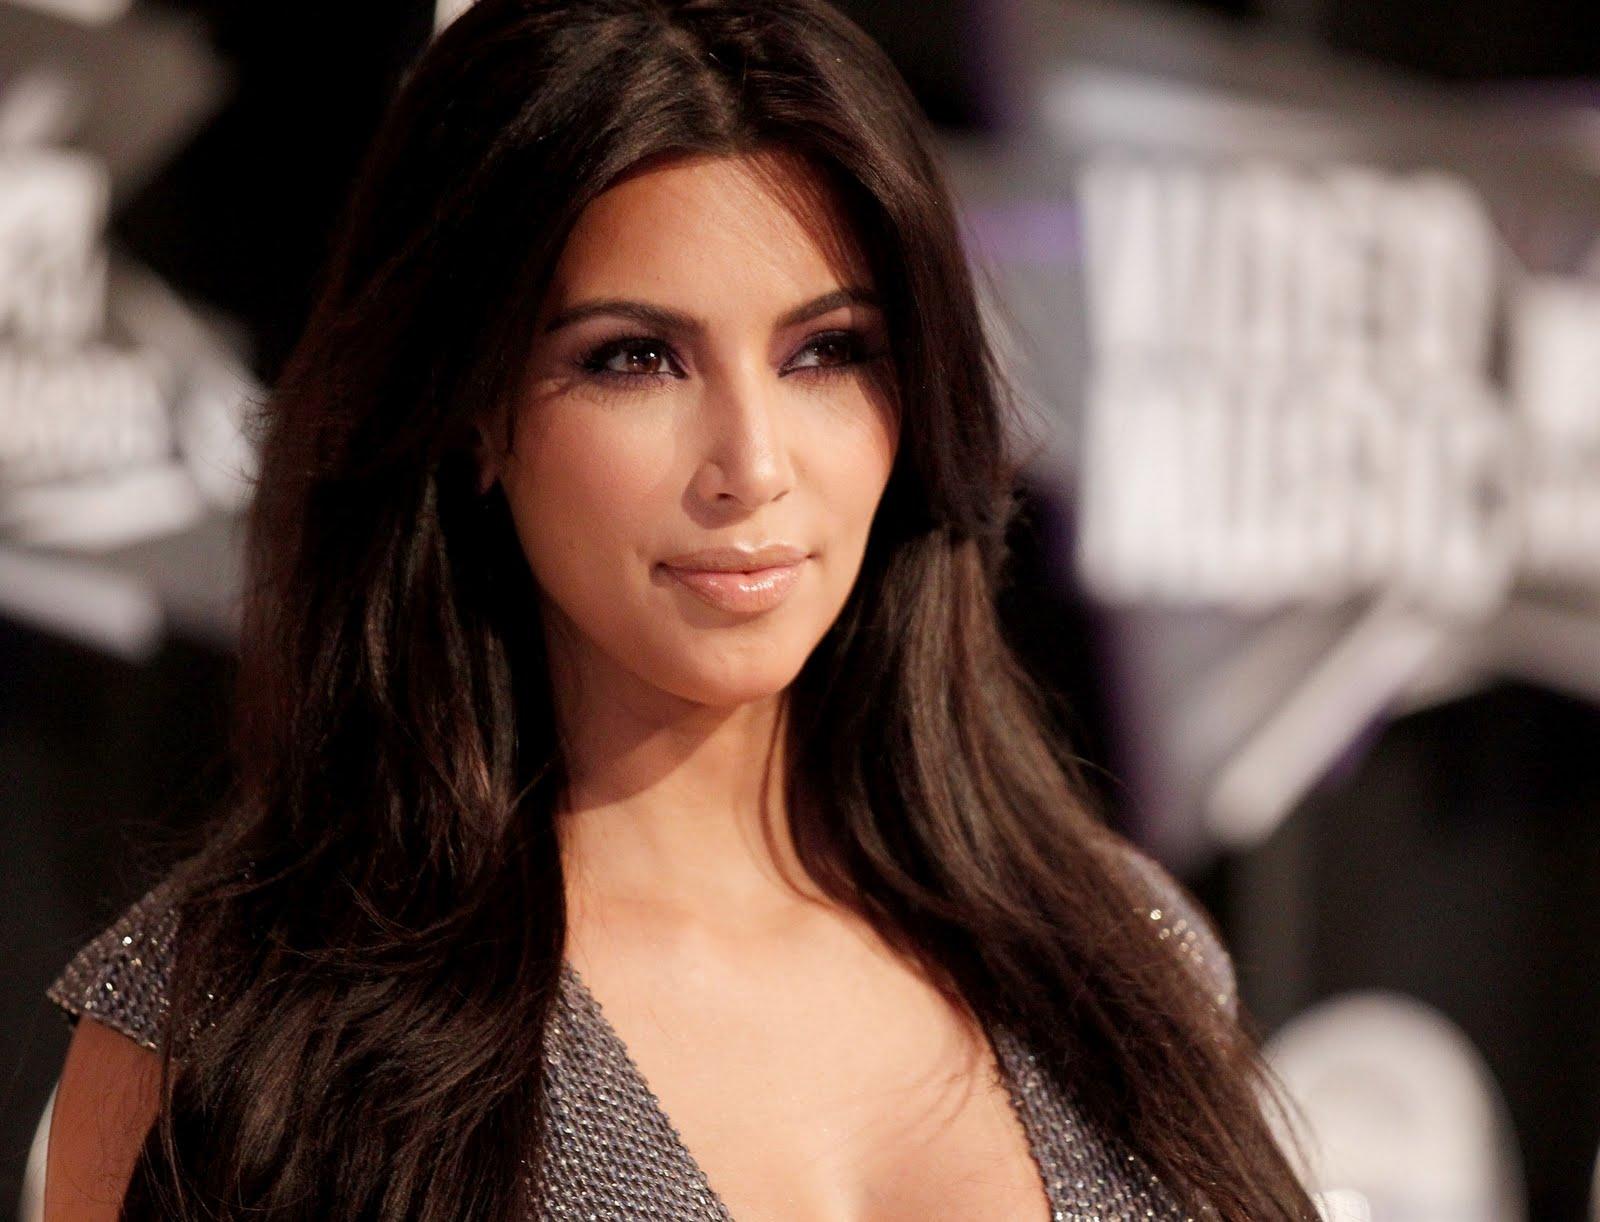 http://3.bp.blogspot.com/-Uen74JbZ3vk/TqQBZfQvAiI/AAAAAAAAFT4/3hJPaqx-4oI/s1600/Kim-Kardashian-47.jpg